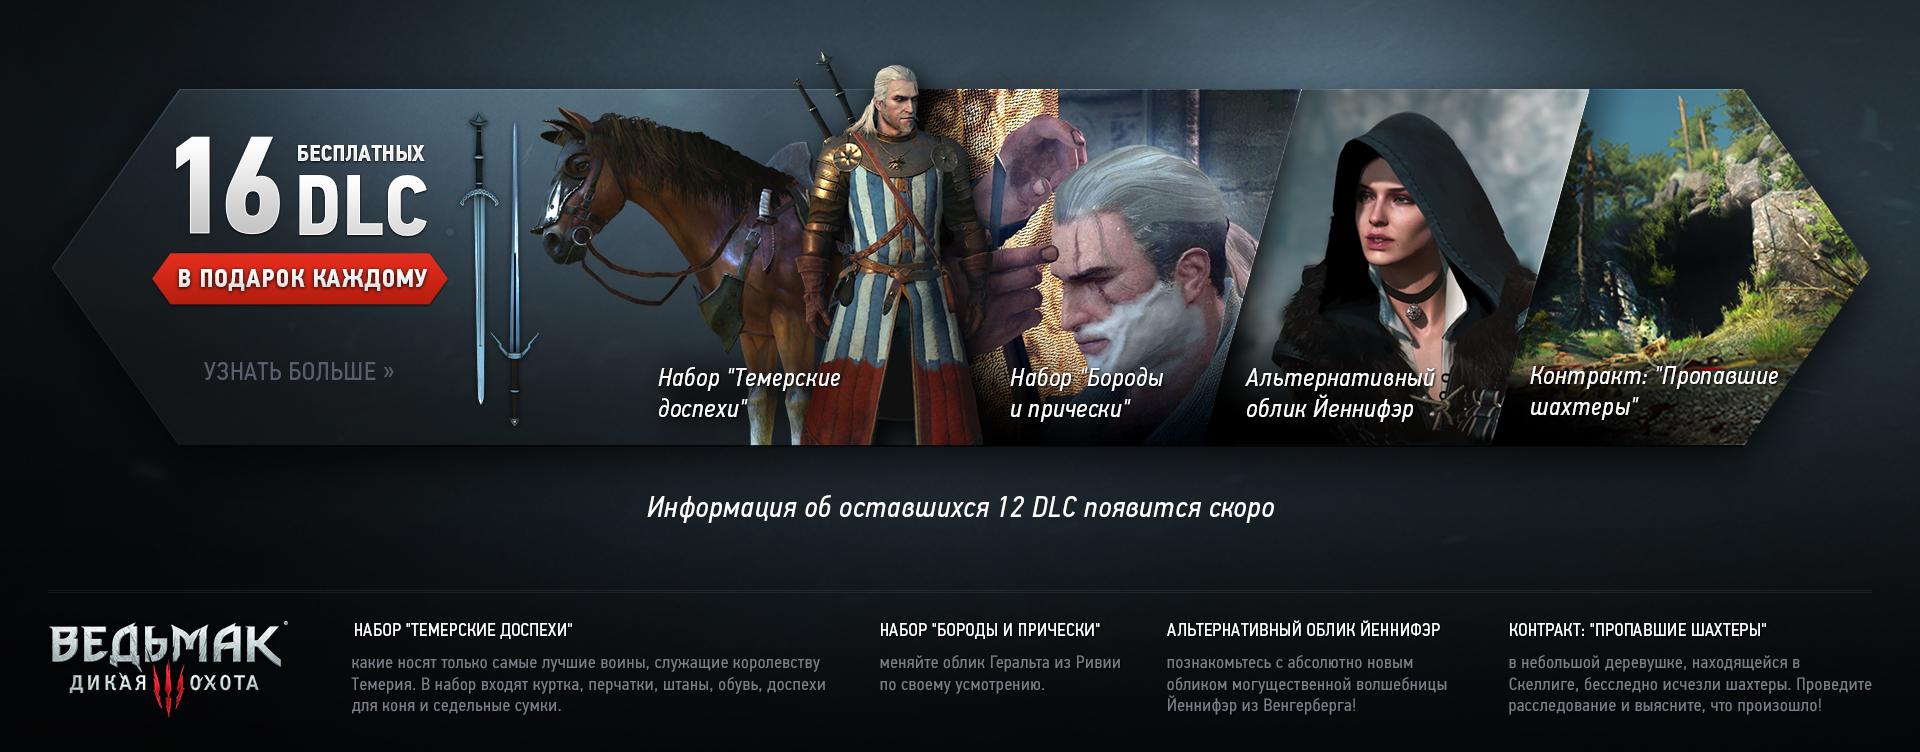 Ведьмак 3: Дикая Охота — 16 бесплатных DLC для каждого. - Изображение 2